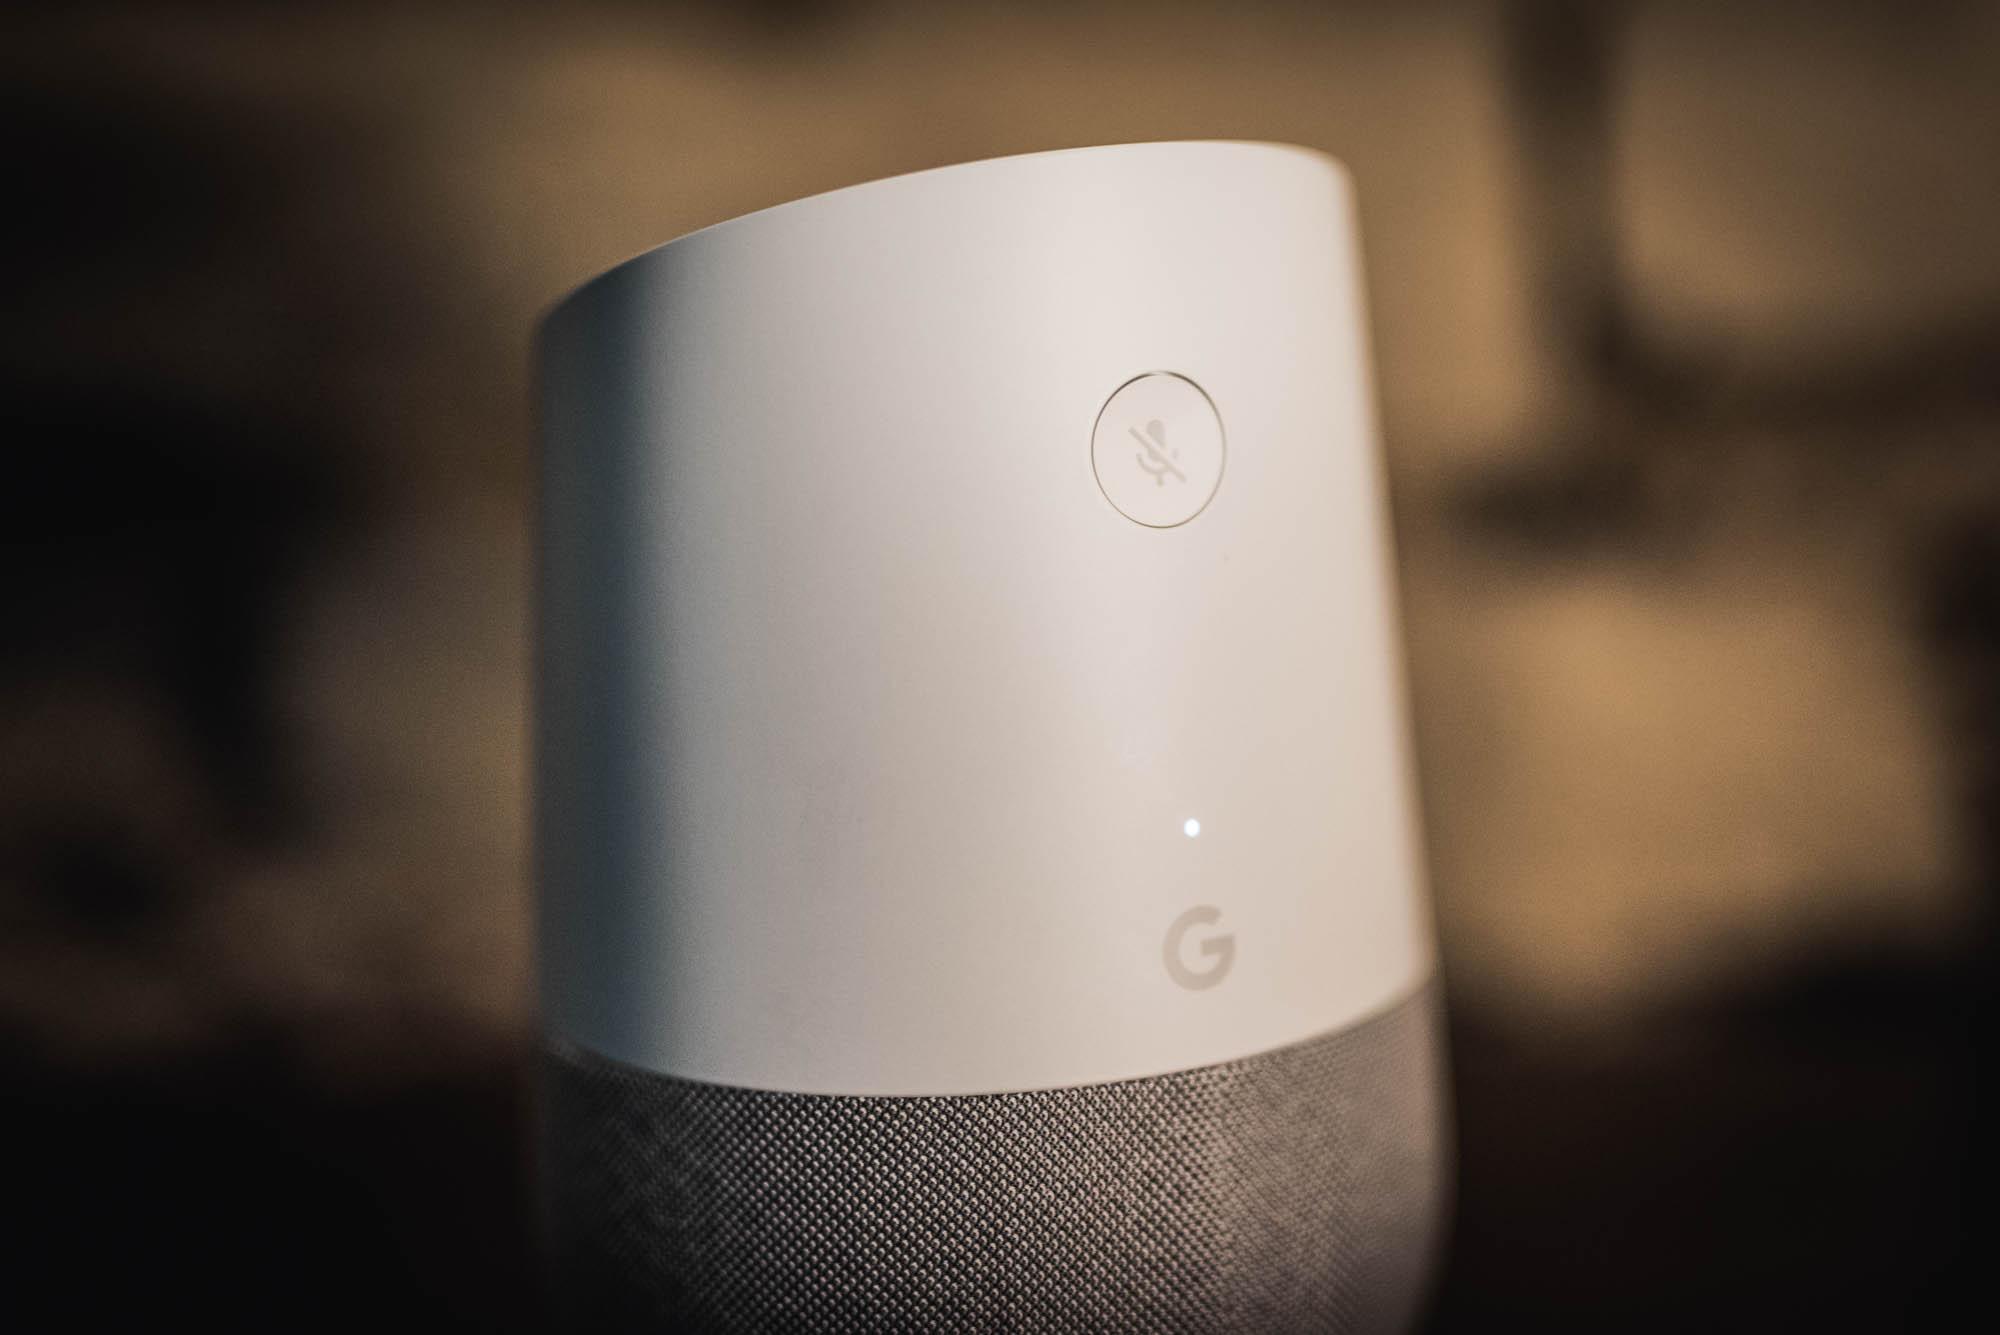 głośnik google home